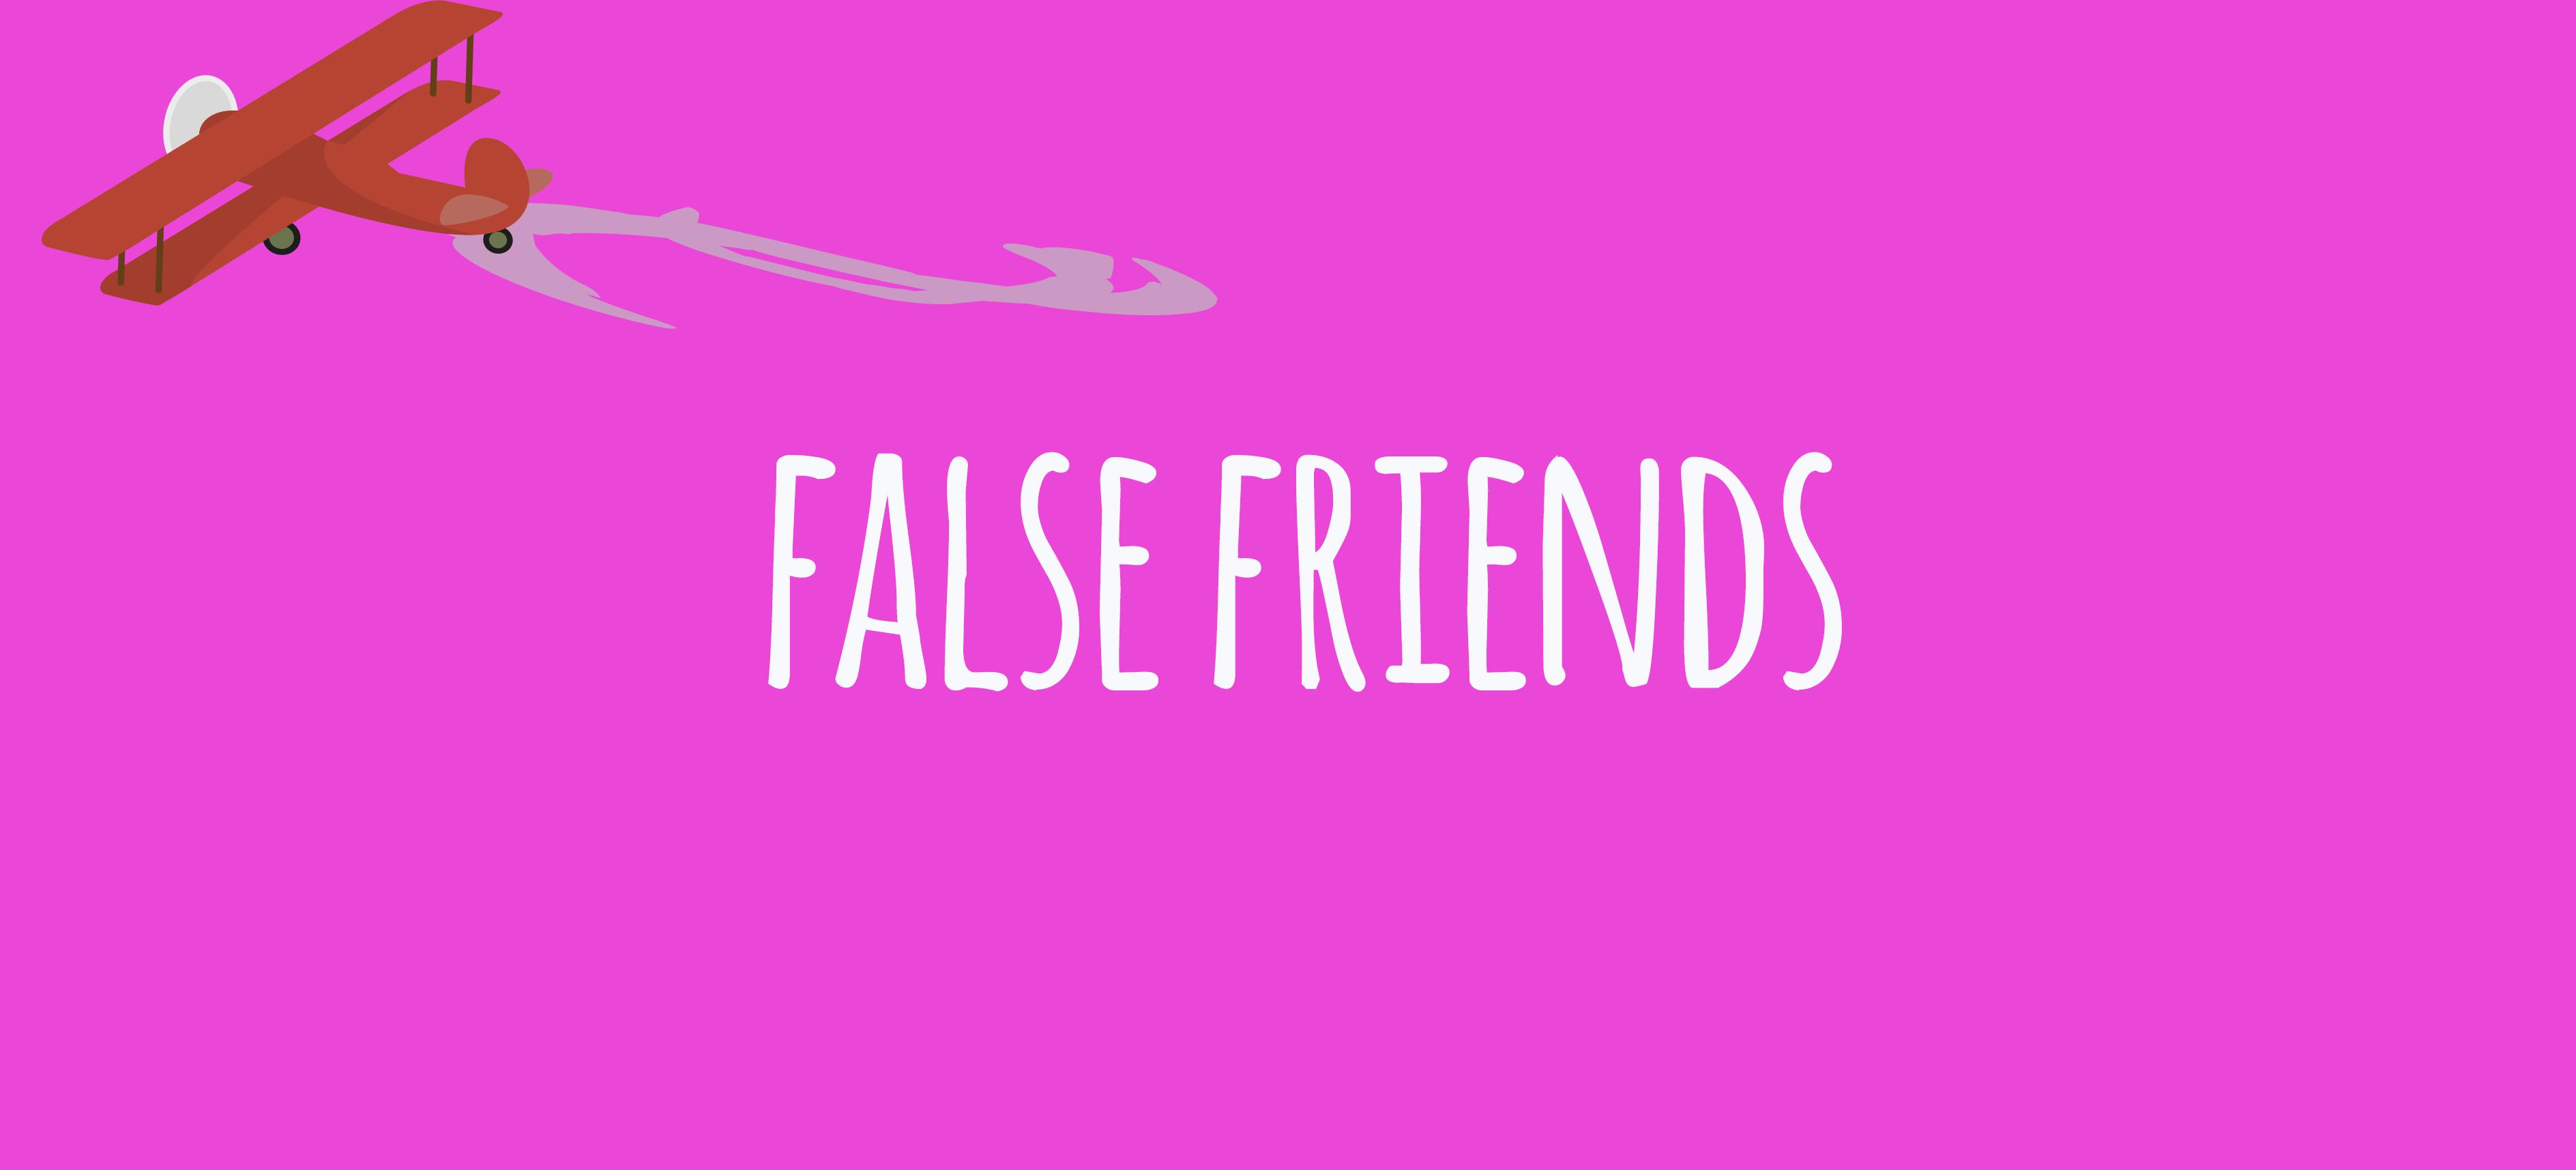 imagen destacada false friends